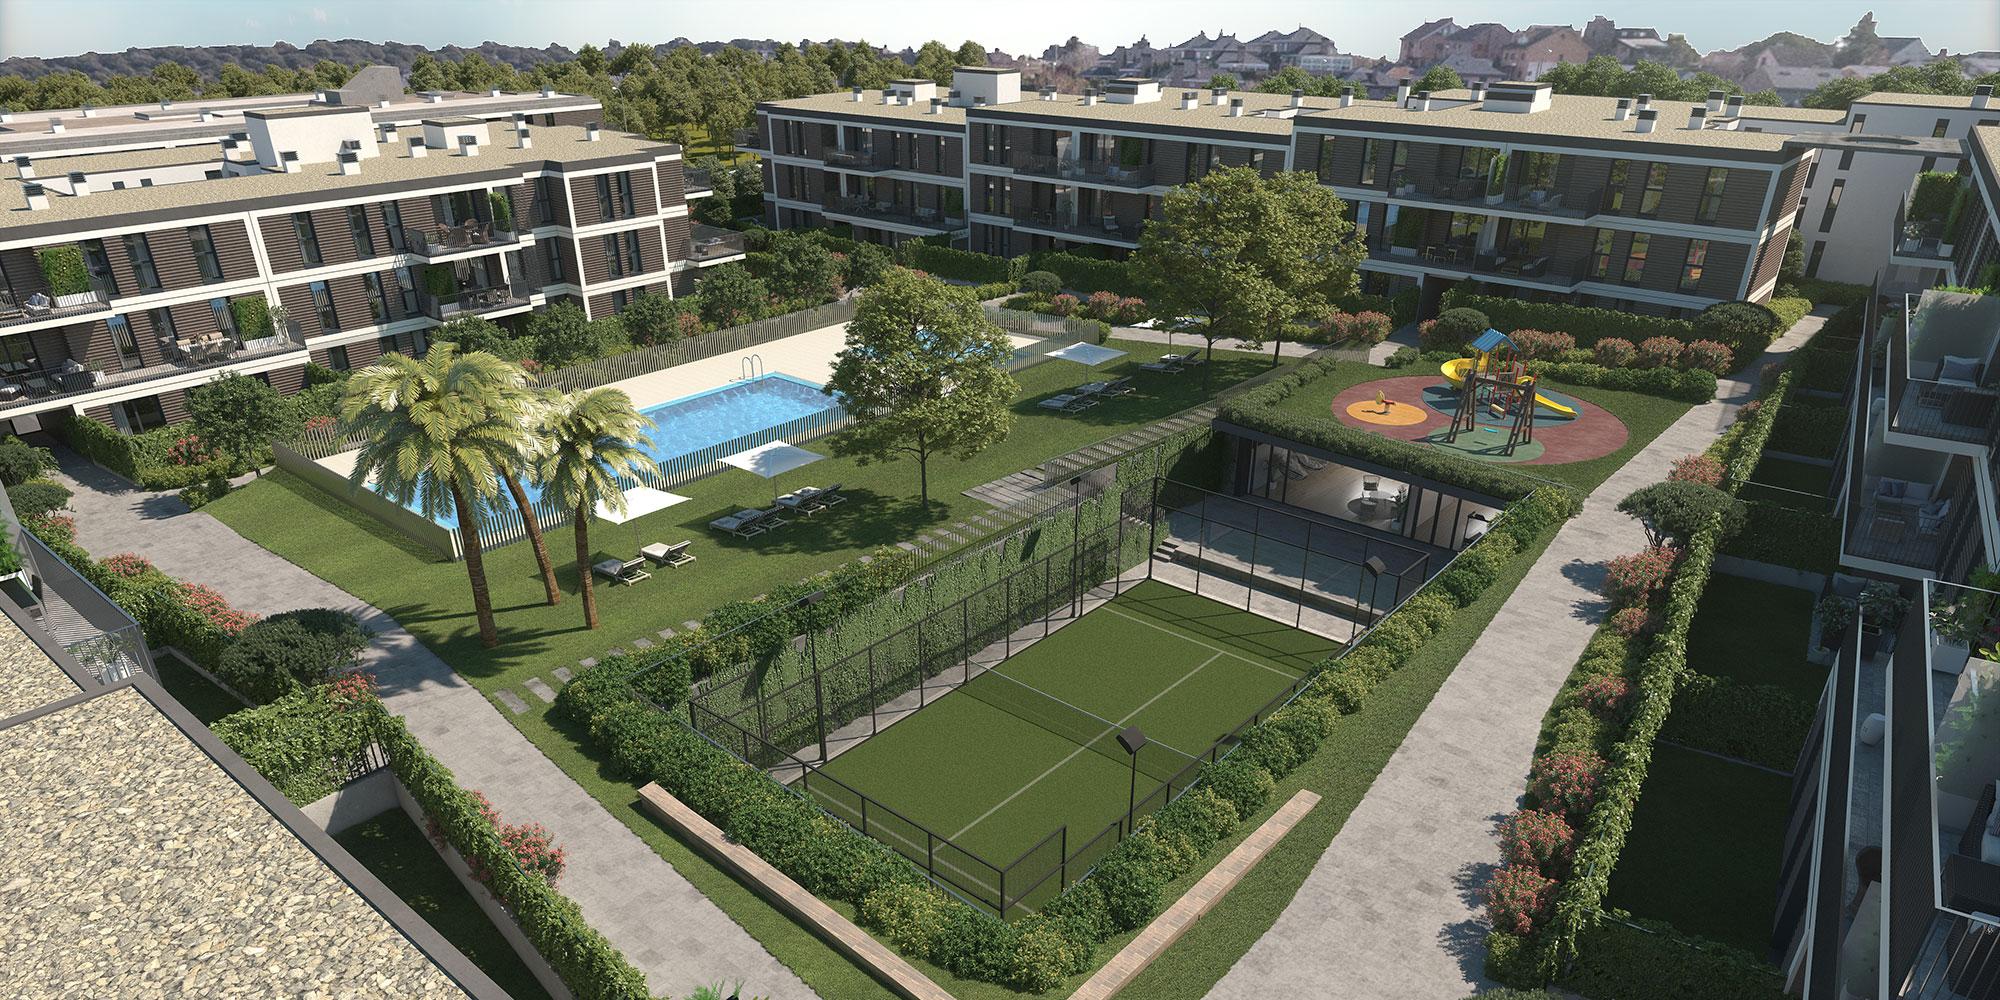 Como zonas comunes, Escalonia II ofrece piscina, pádel, gimnasio, sala de coworking y área de juegos infantiles